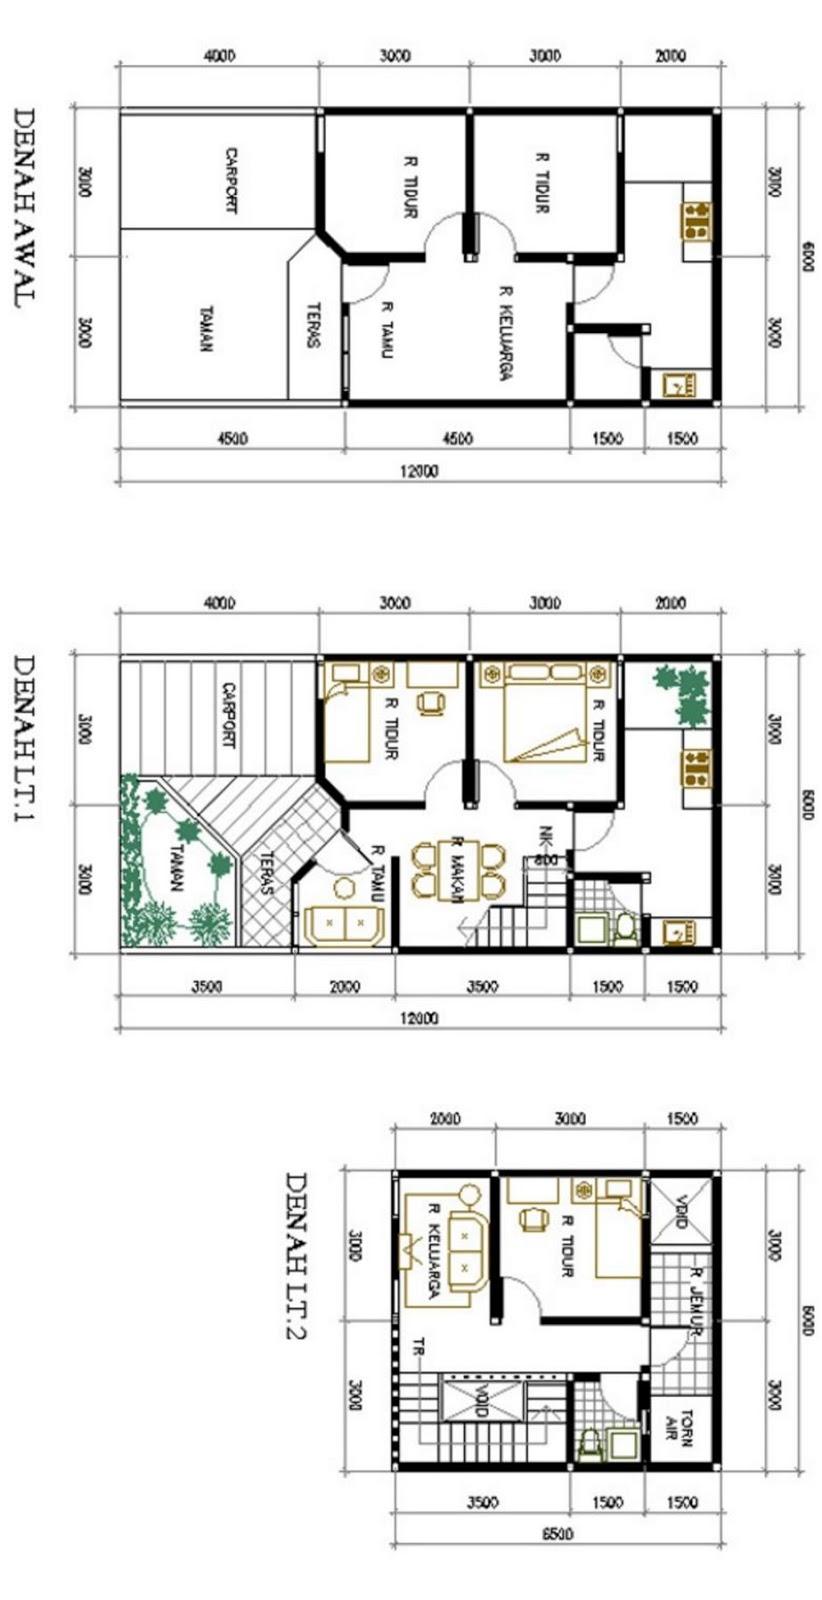 bentuk denah 2 lantai 6x12 populer